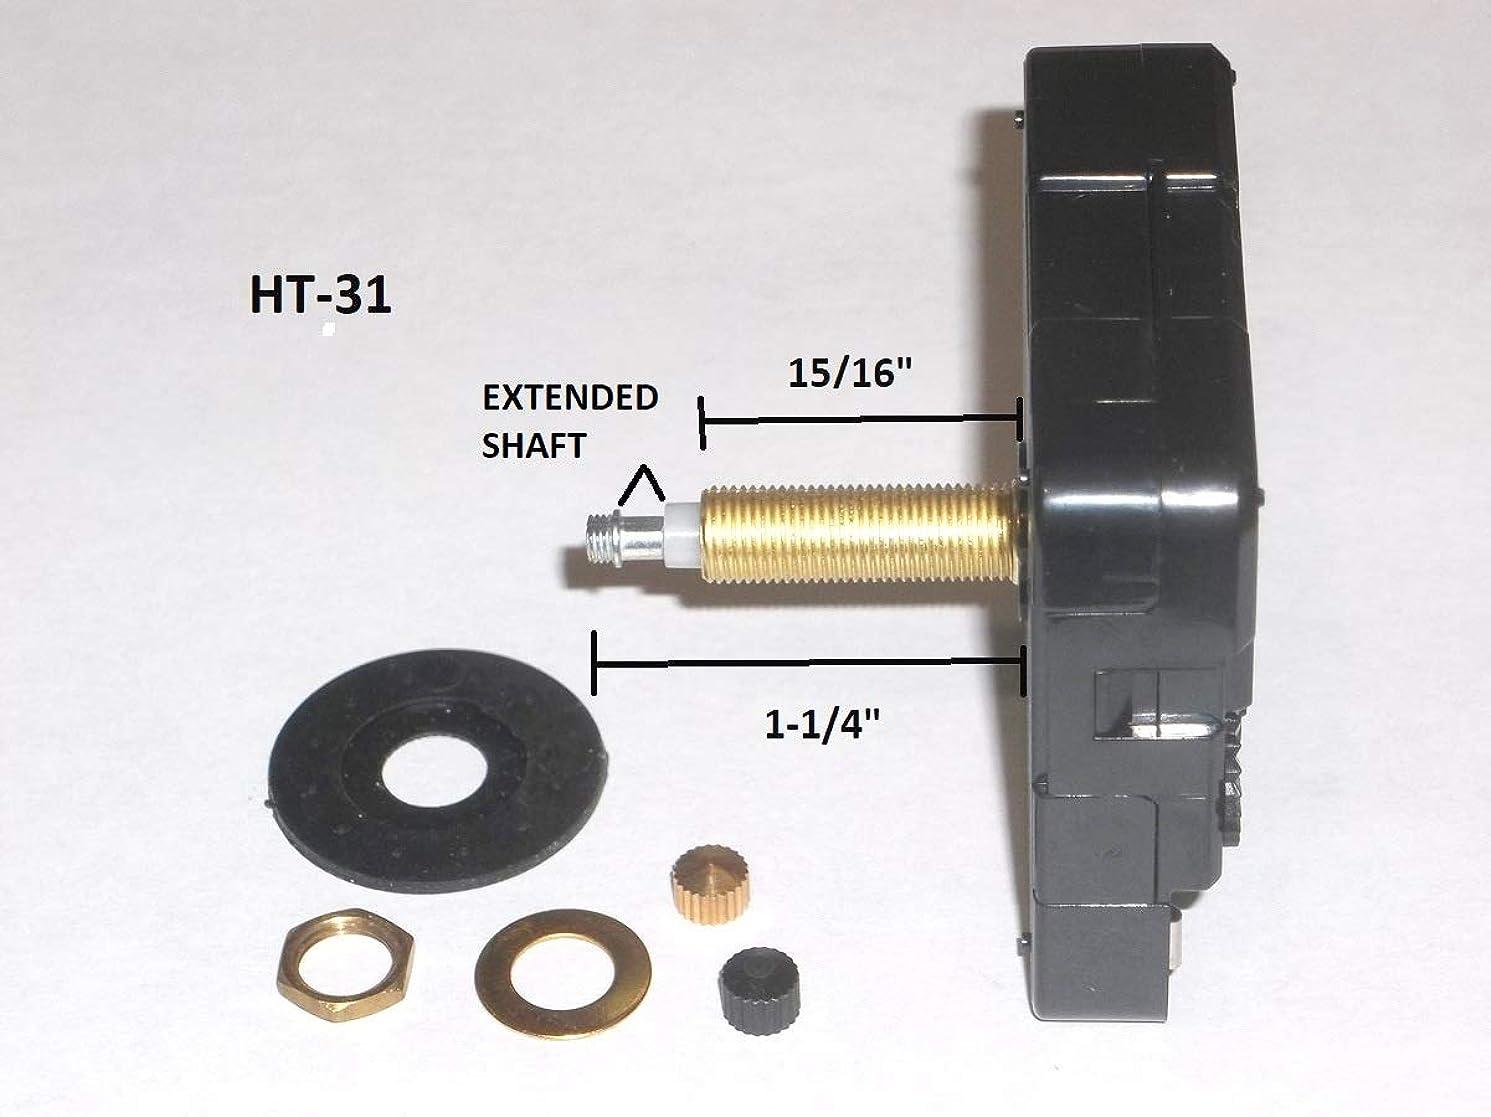 High Torque Quartz Clock Movement (Silent) w/Extended Shaft (for Long Hands), Extra Long Shaft, 15/16